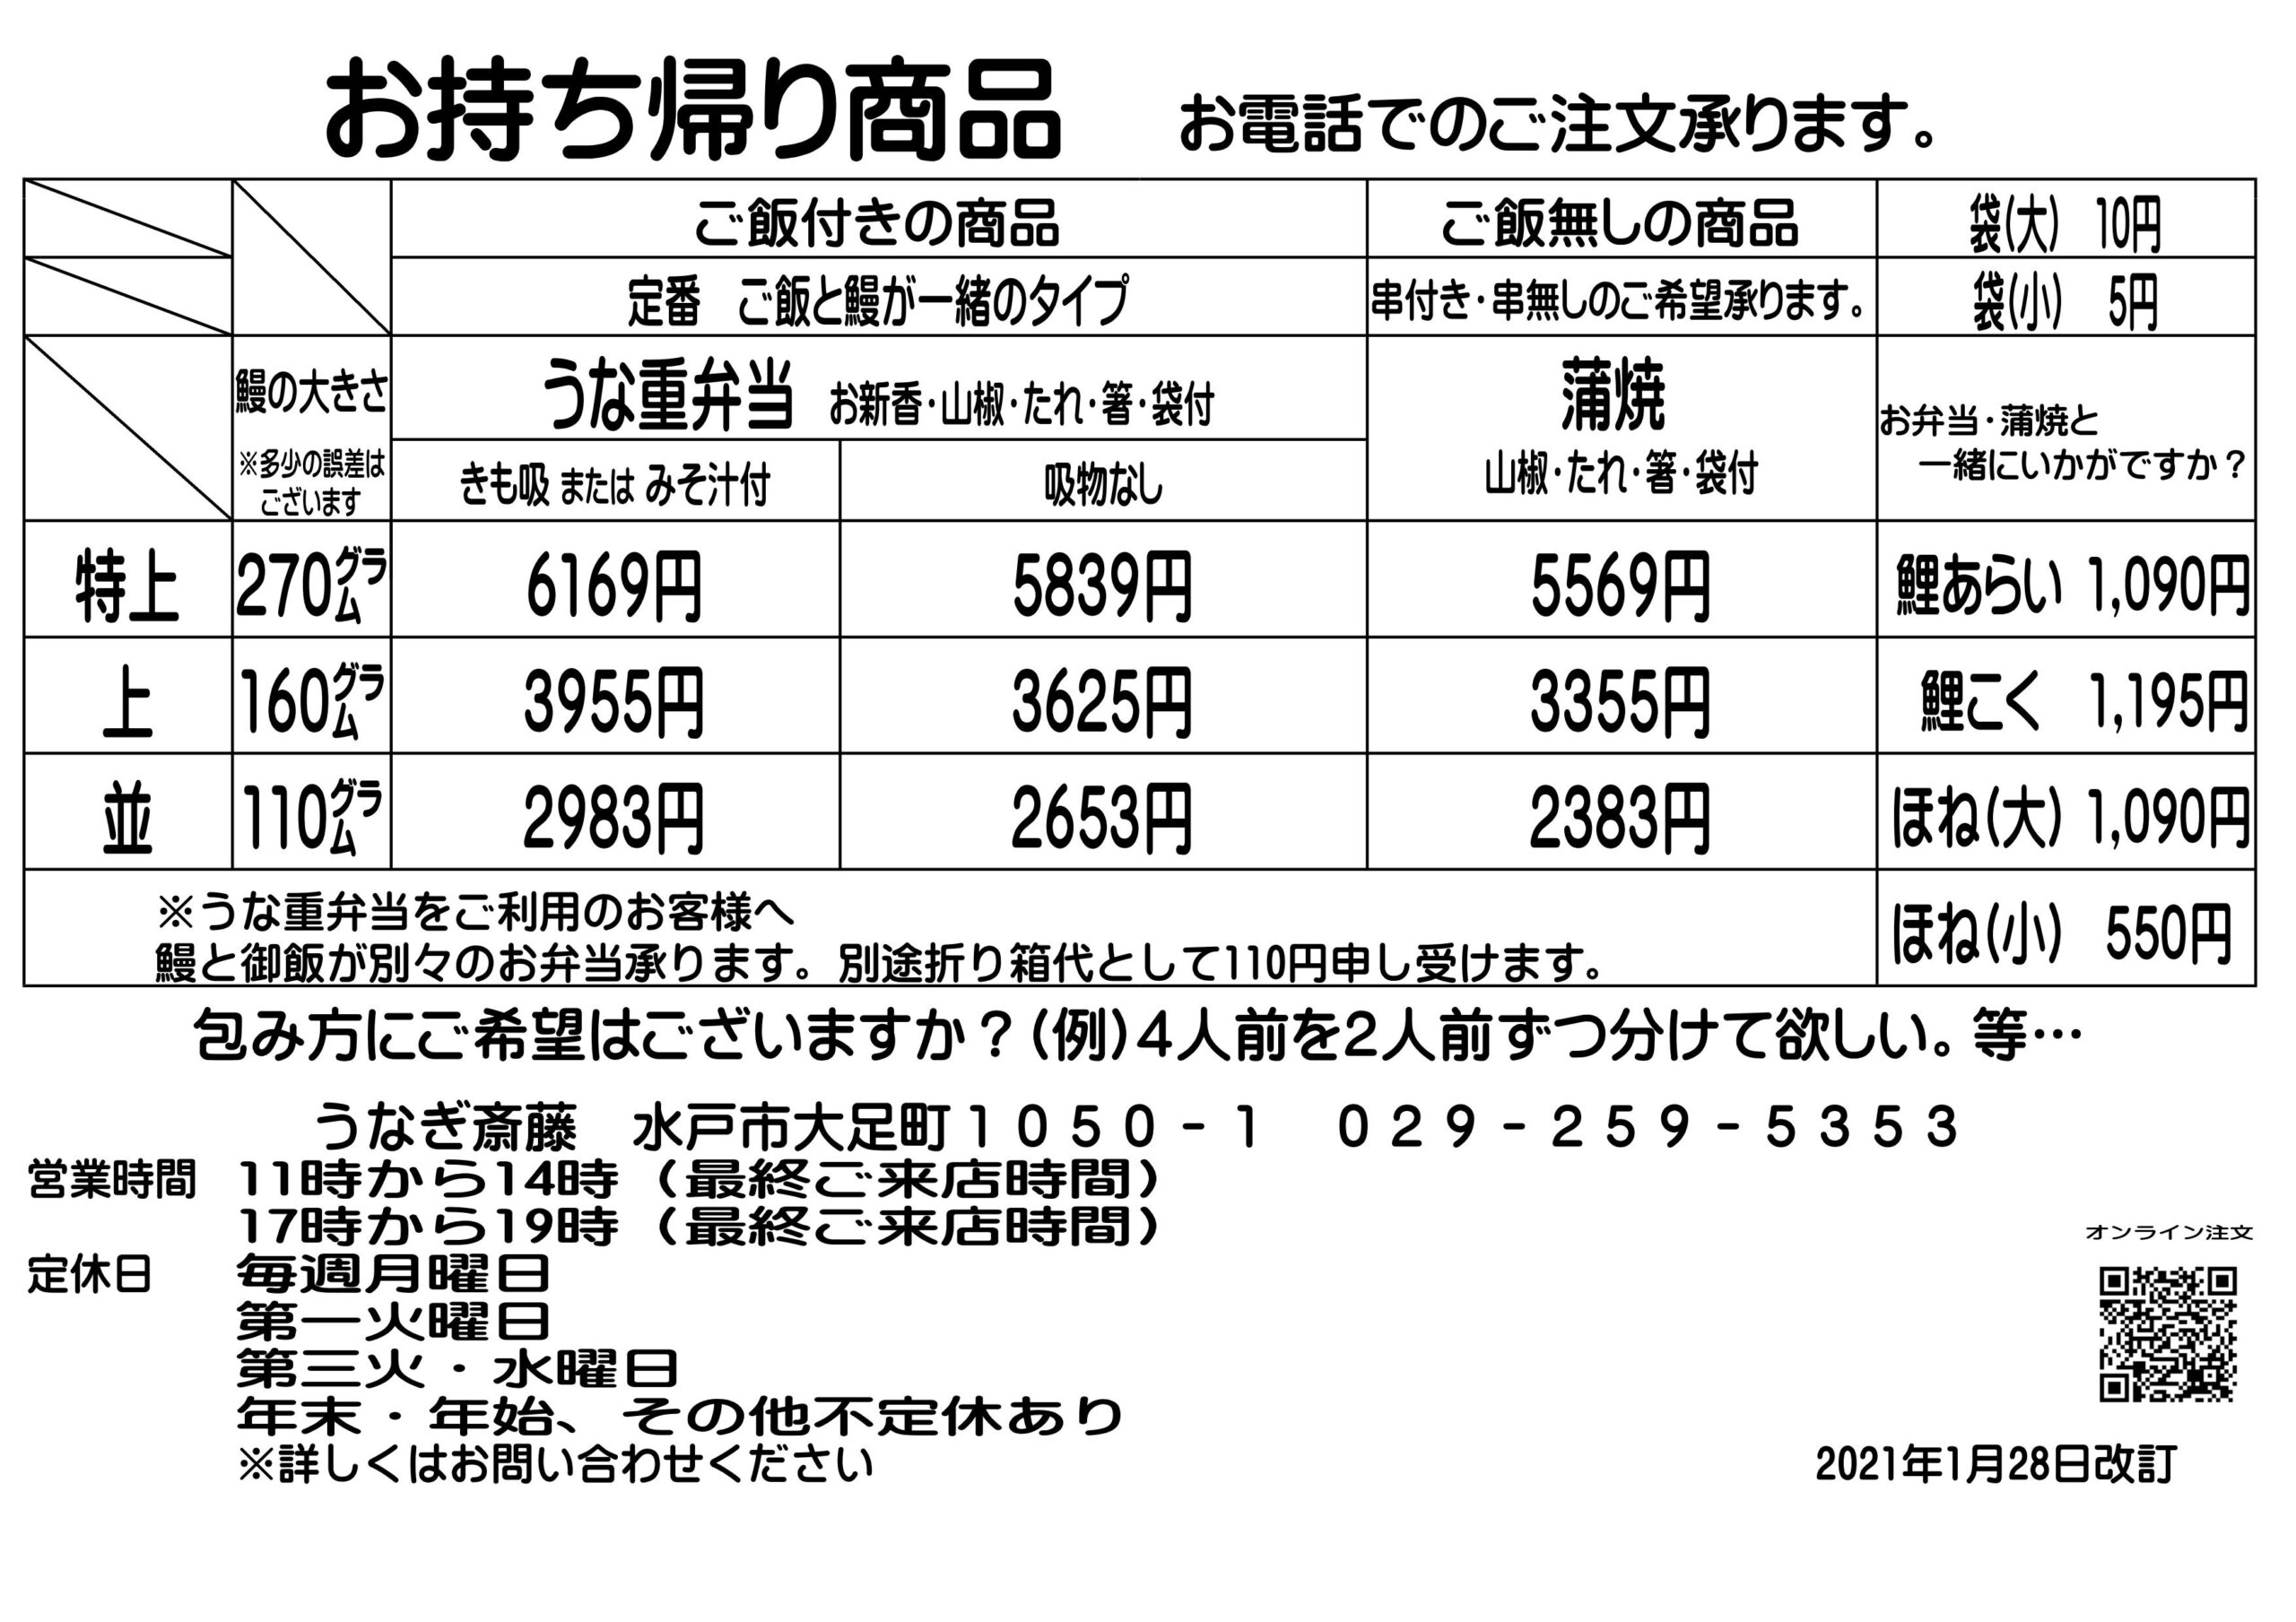 うなぎ斎藤のテイクアウト商品のチラシ